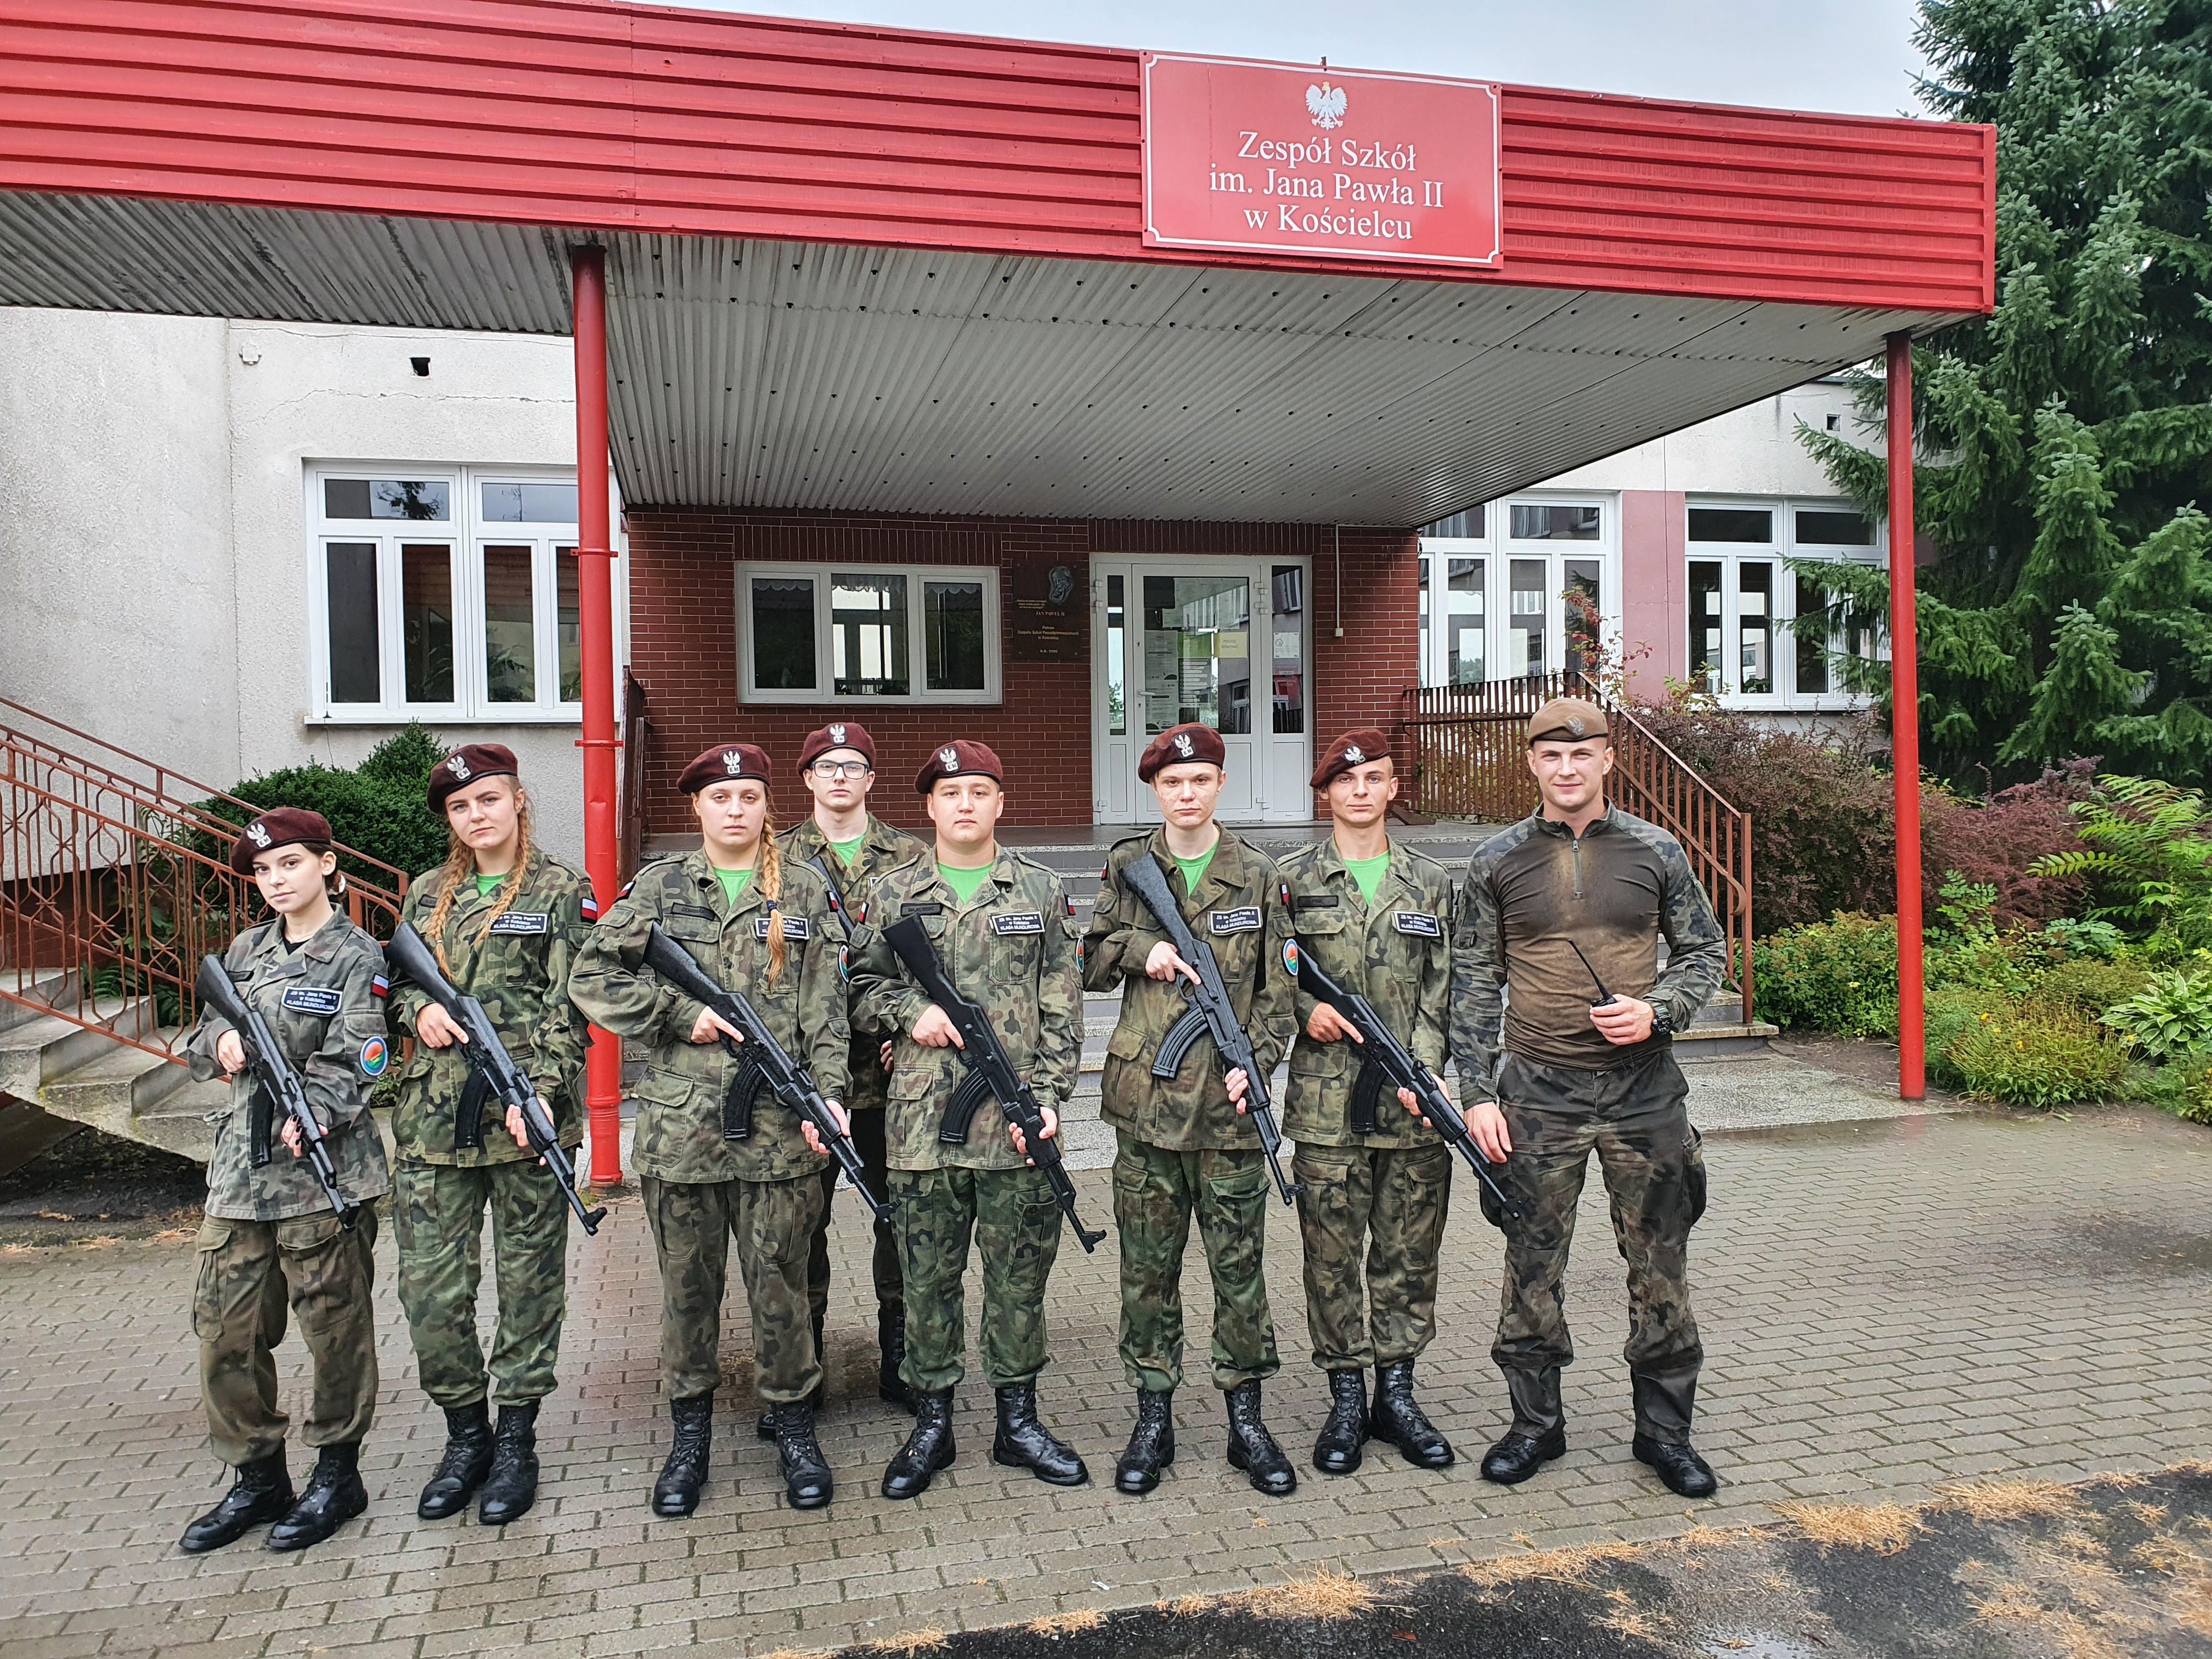 Szkolenie wojskowe w Kościelcu